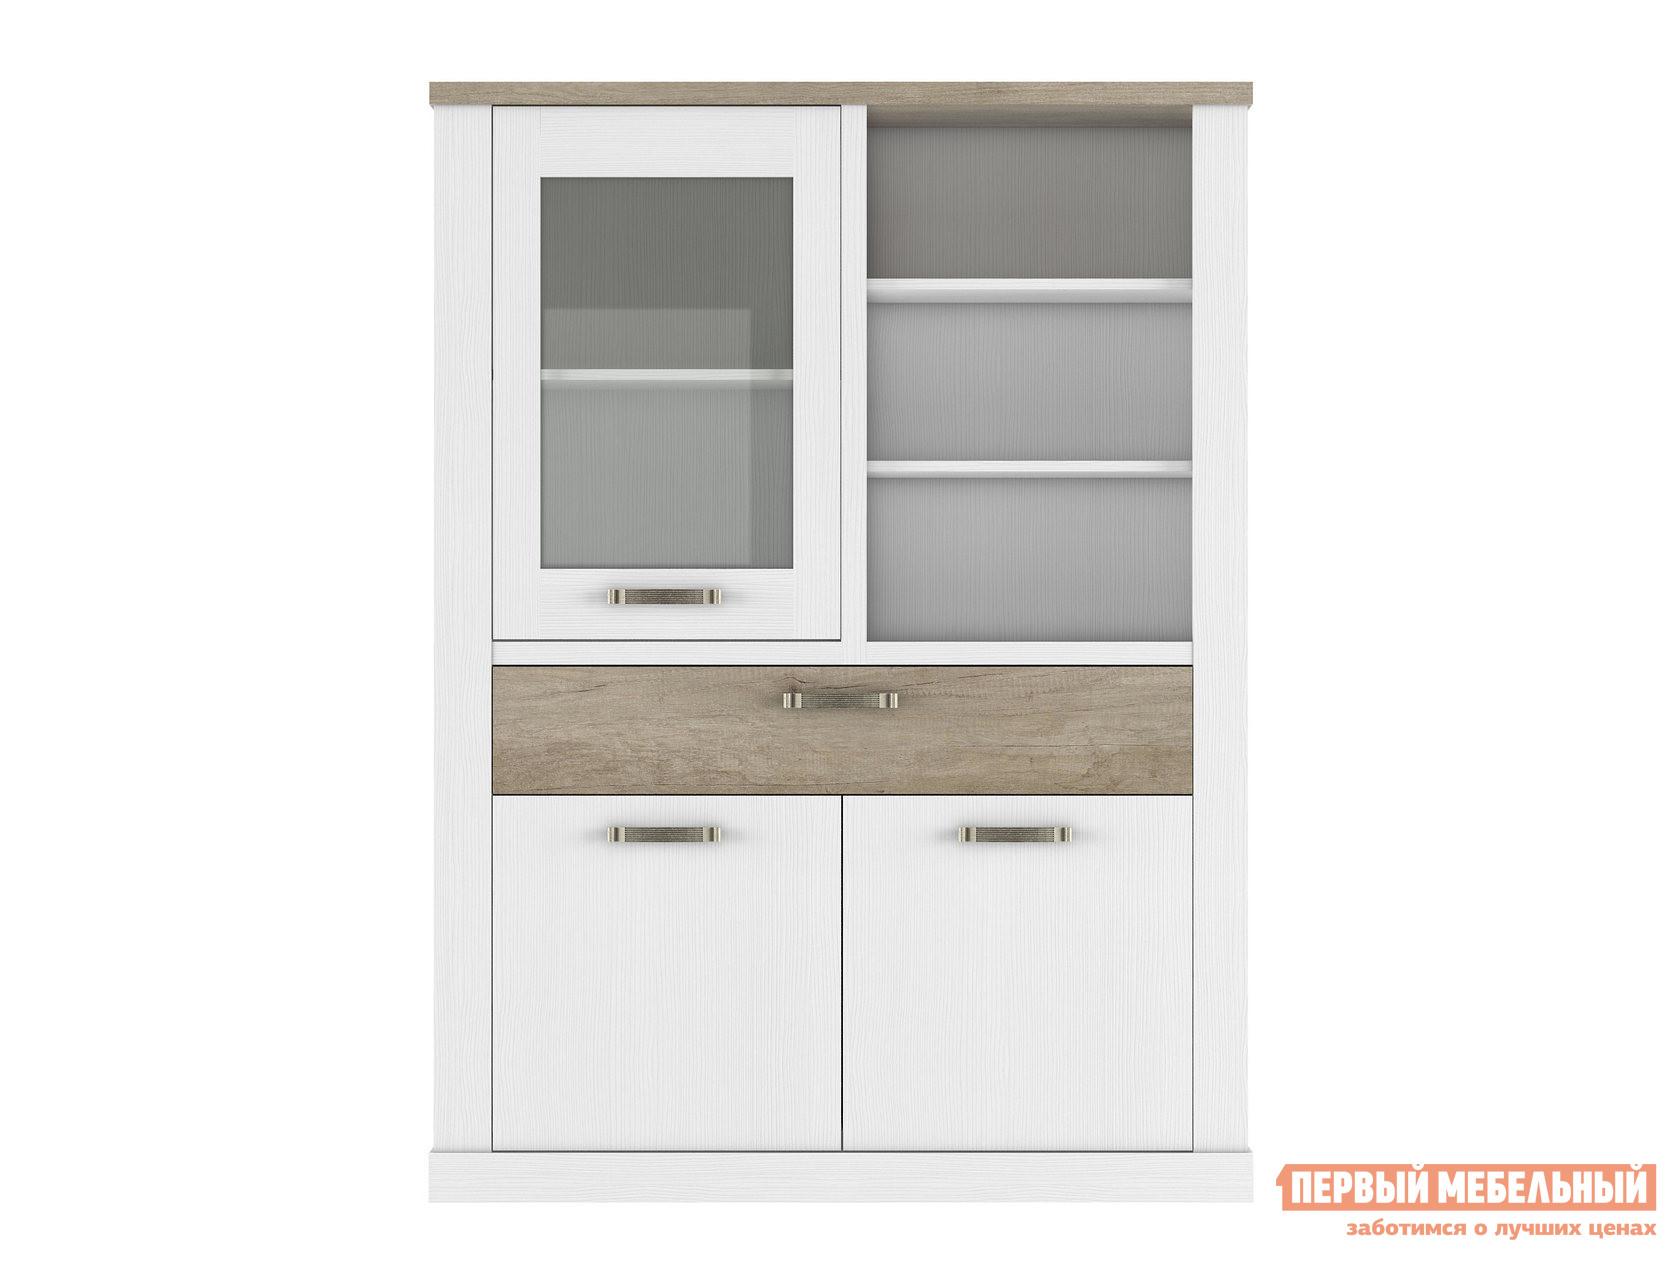 Шкаф-витрина Первый Мебельный Шкаф-витрина низкий 2 Прованс шкаф витрина timberica шкаф книжный айно 2